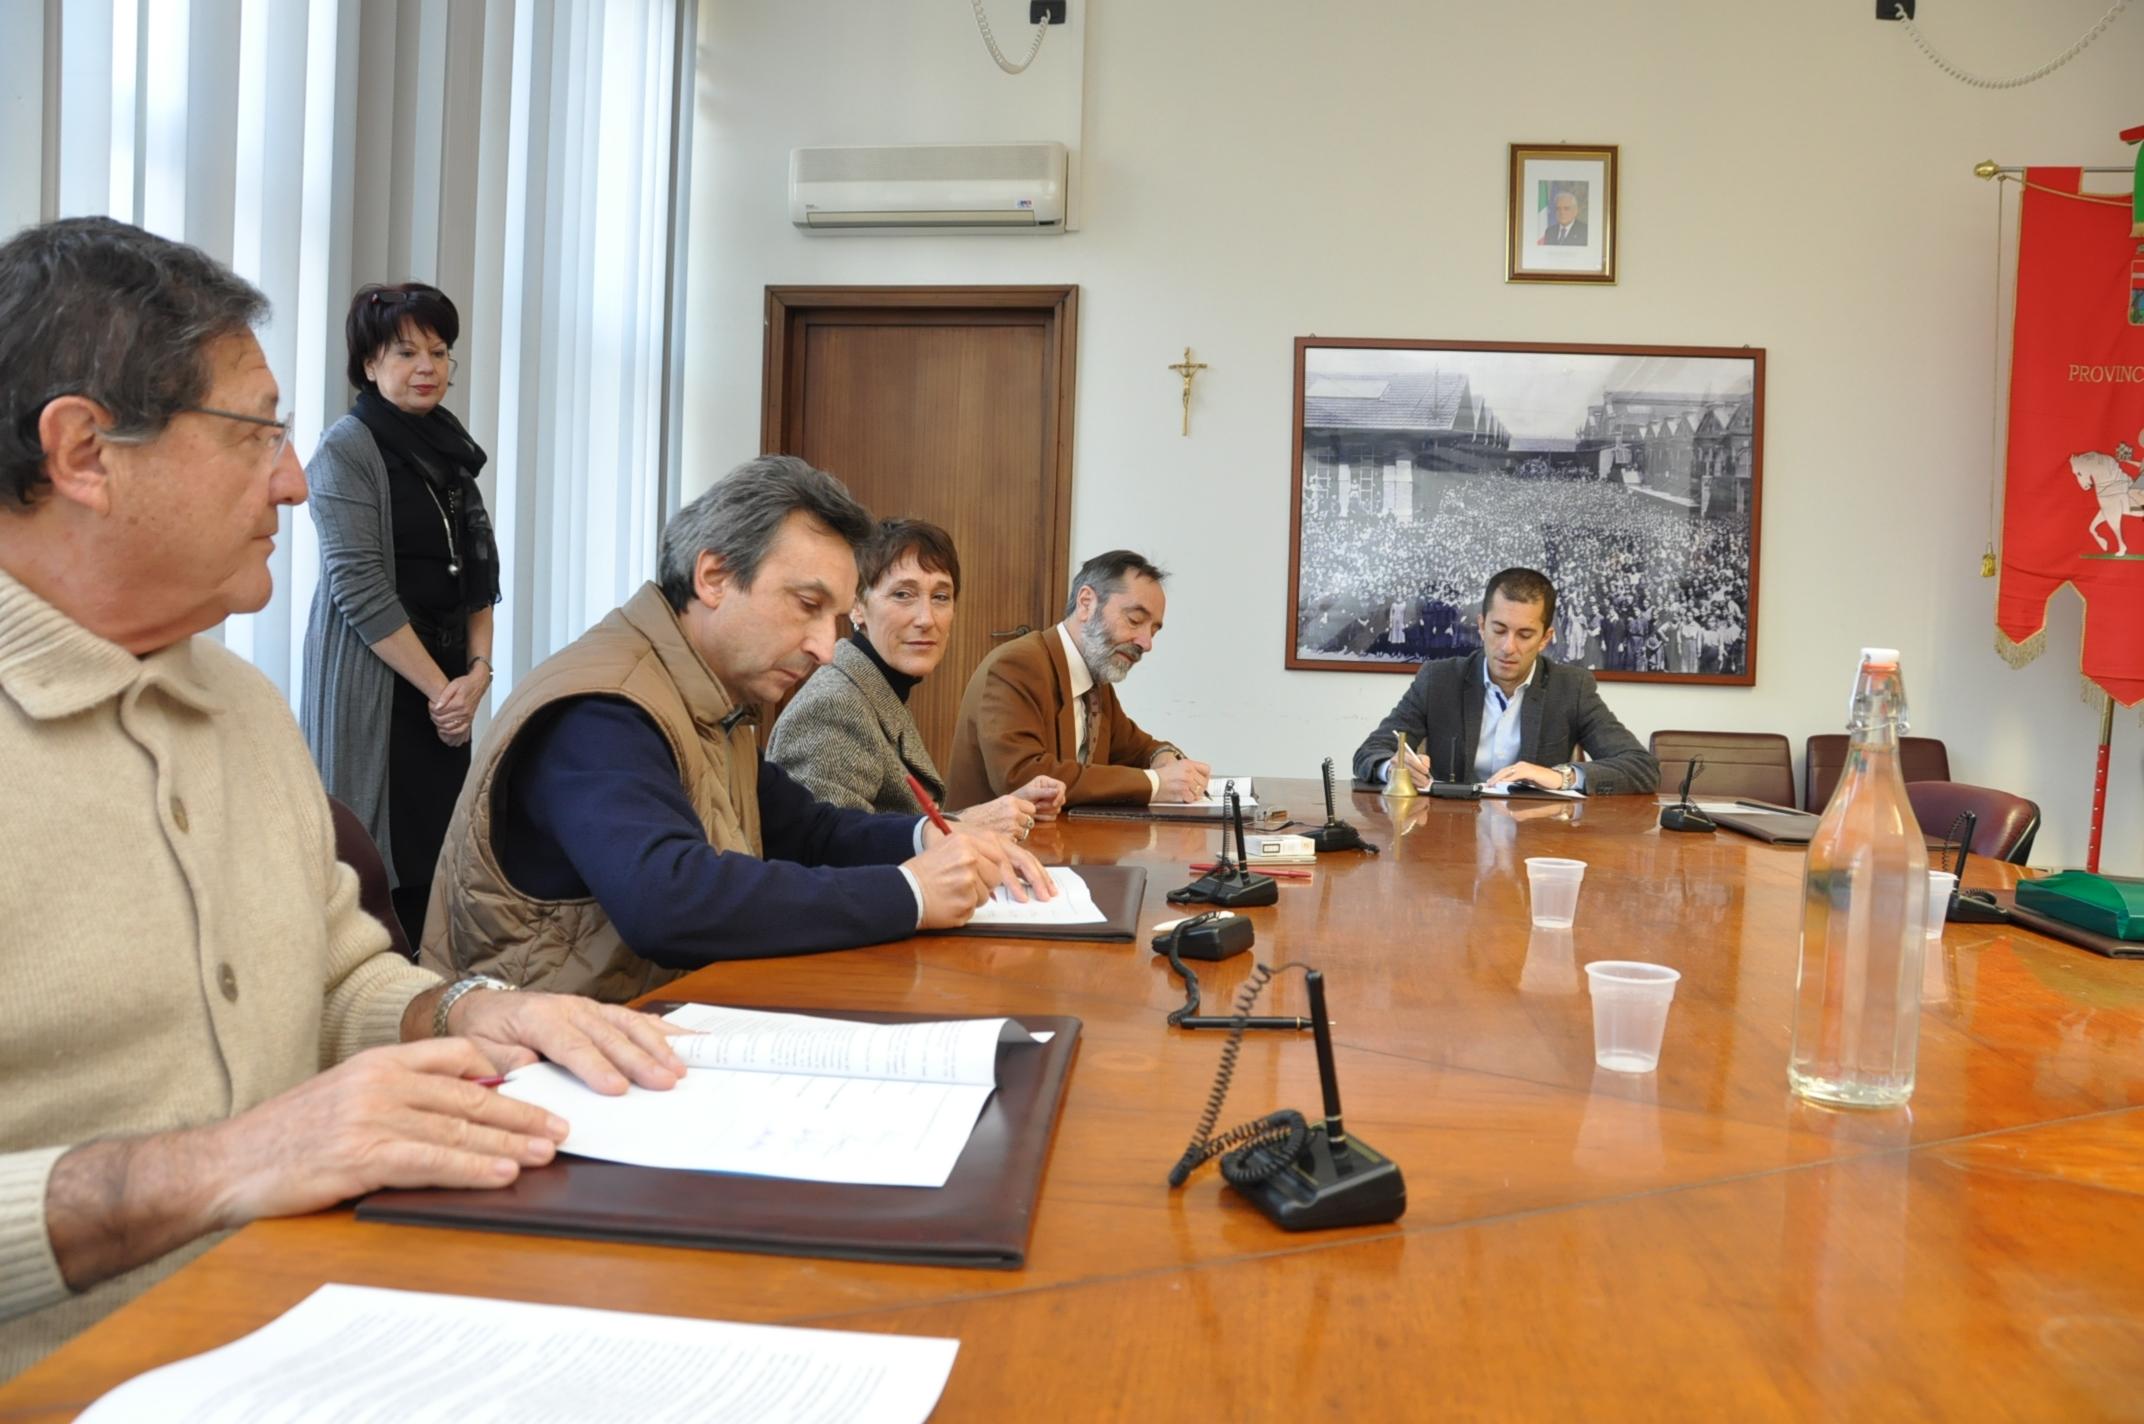 Firmato il protocollo d'intesa per il recupero dell'area di discarica di Cerro Tanaro